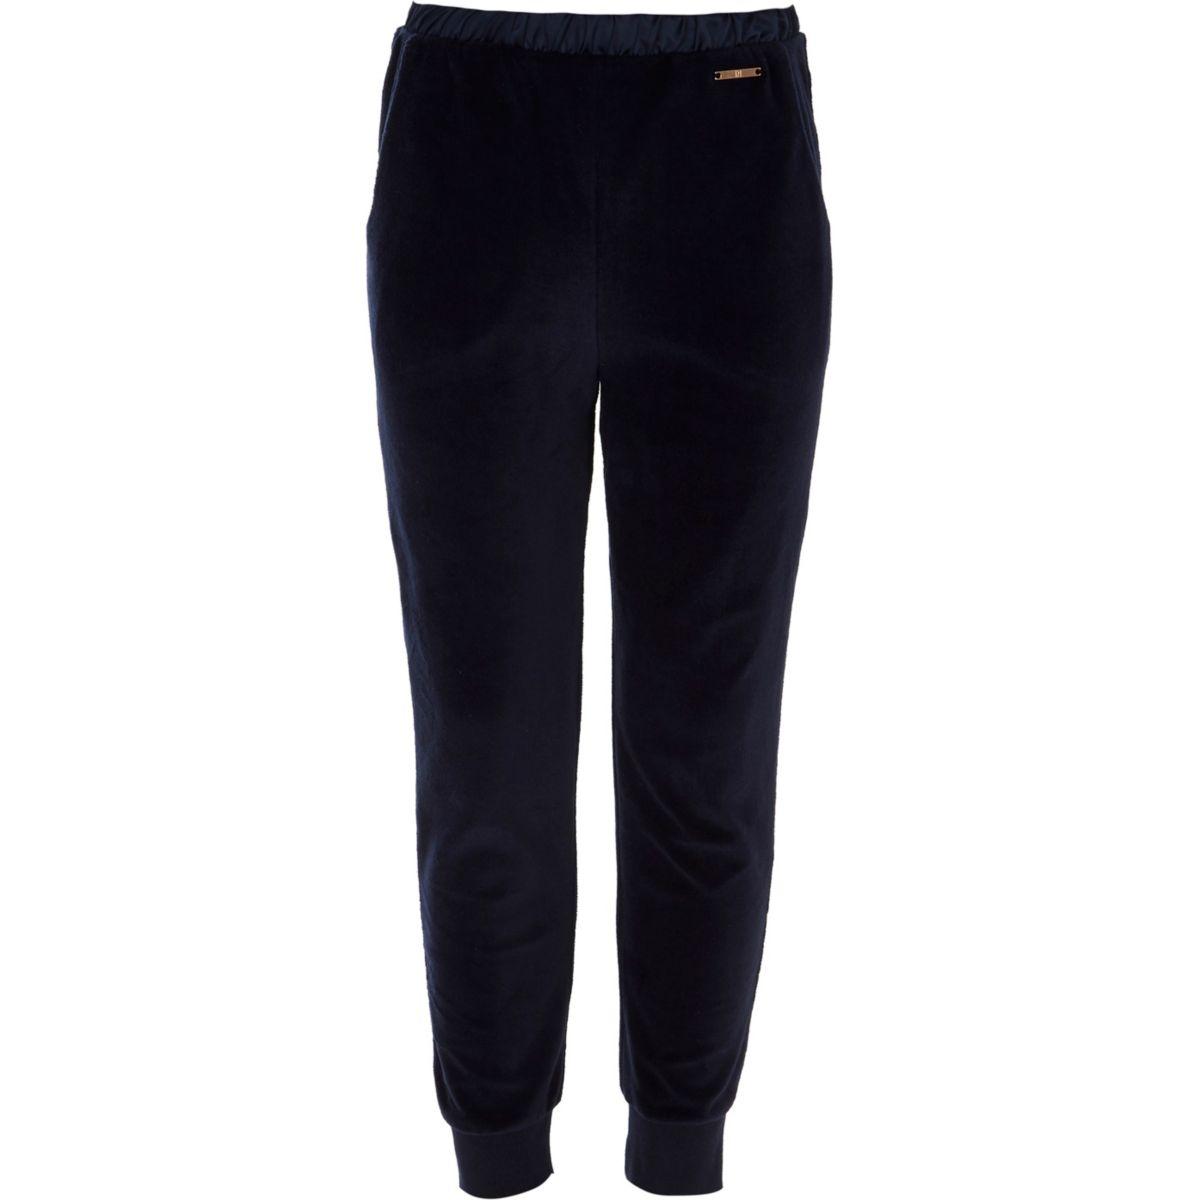 Pantalon de jogging en velours bleu marine pour fille